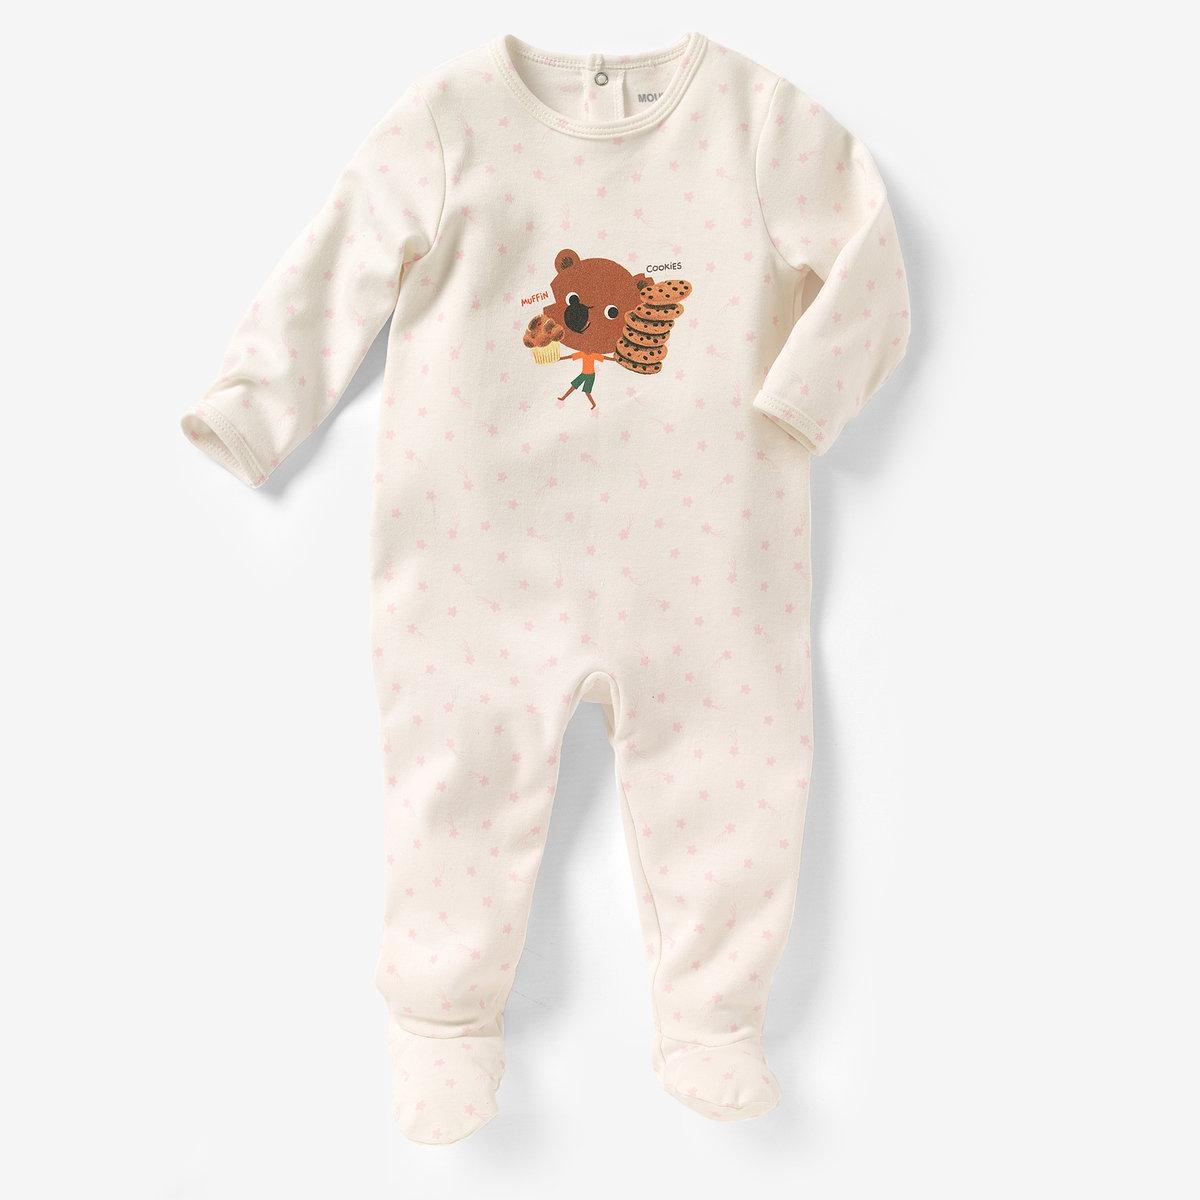 Пижама из хлопка интерлок MOUK, 0 месяцев - 3 года от La Redoute